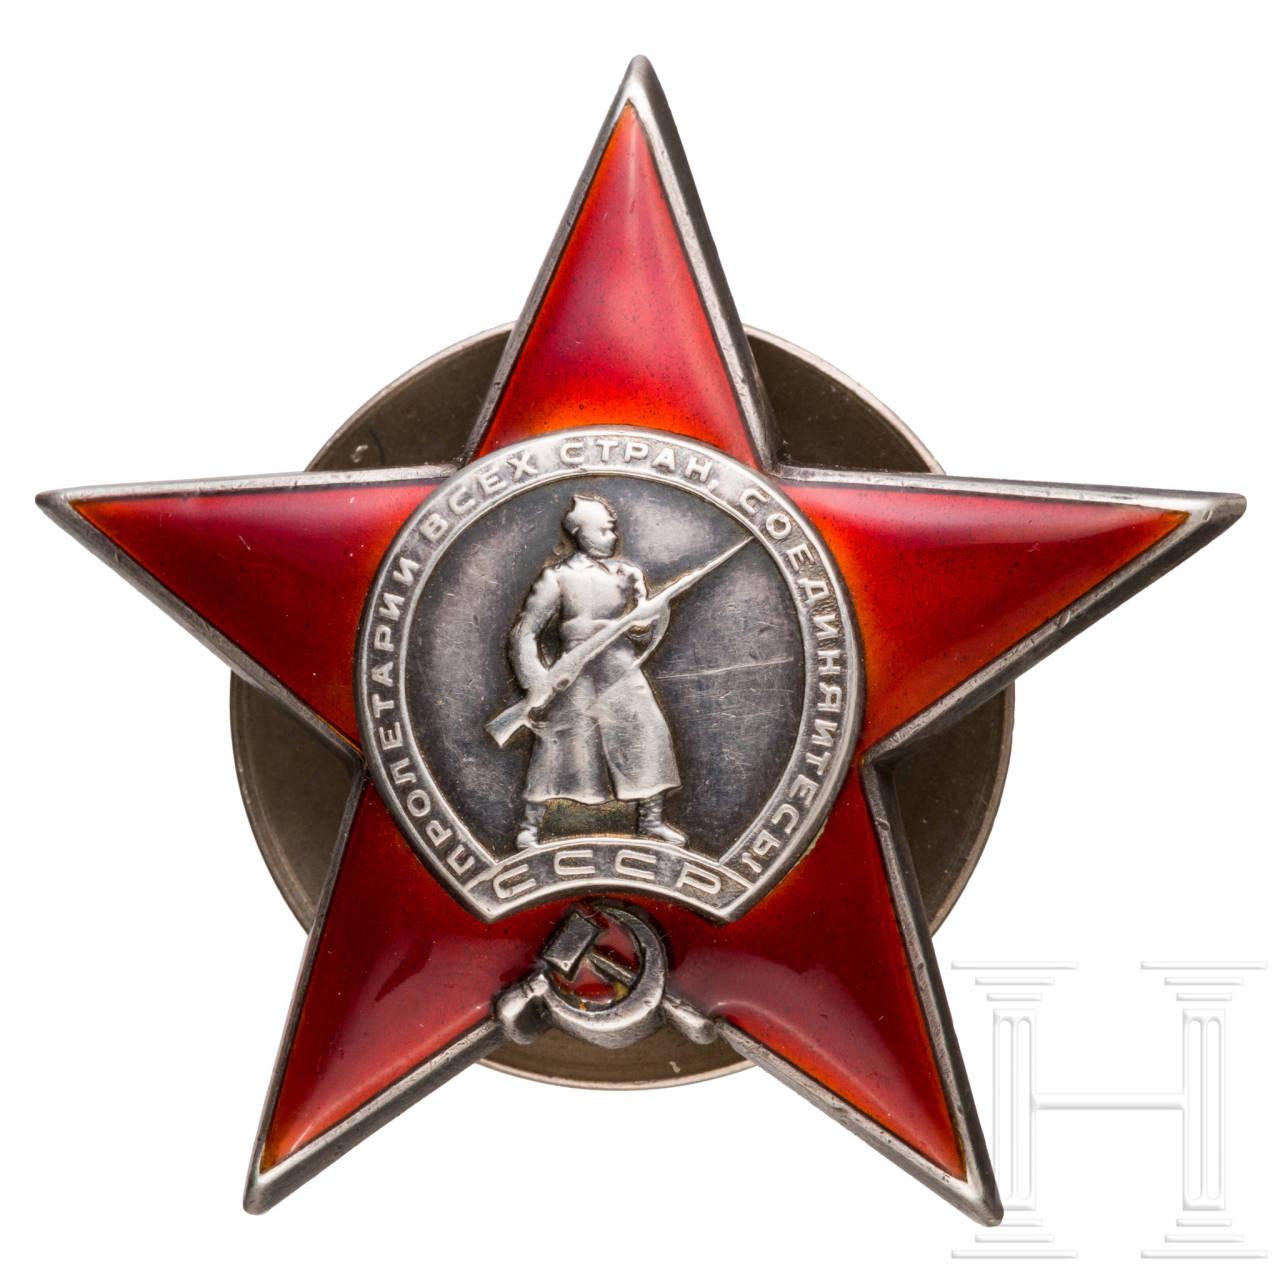 Orden des Roten Sterns, frühe und seltene Variante mit großem Herstellerstempel, Sowjetunion, ab 1936